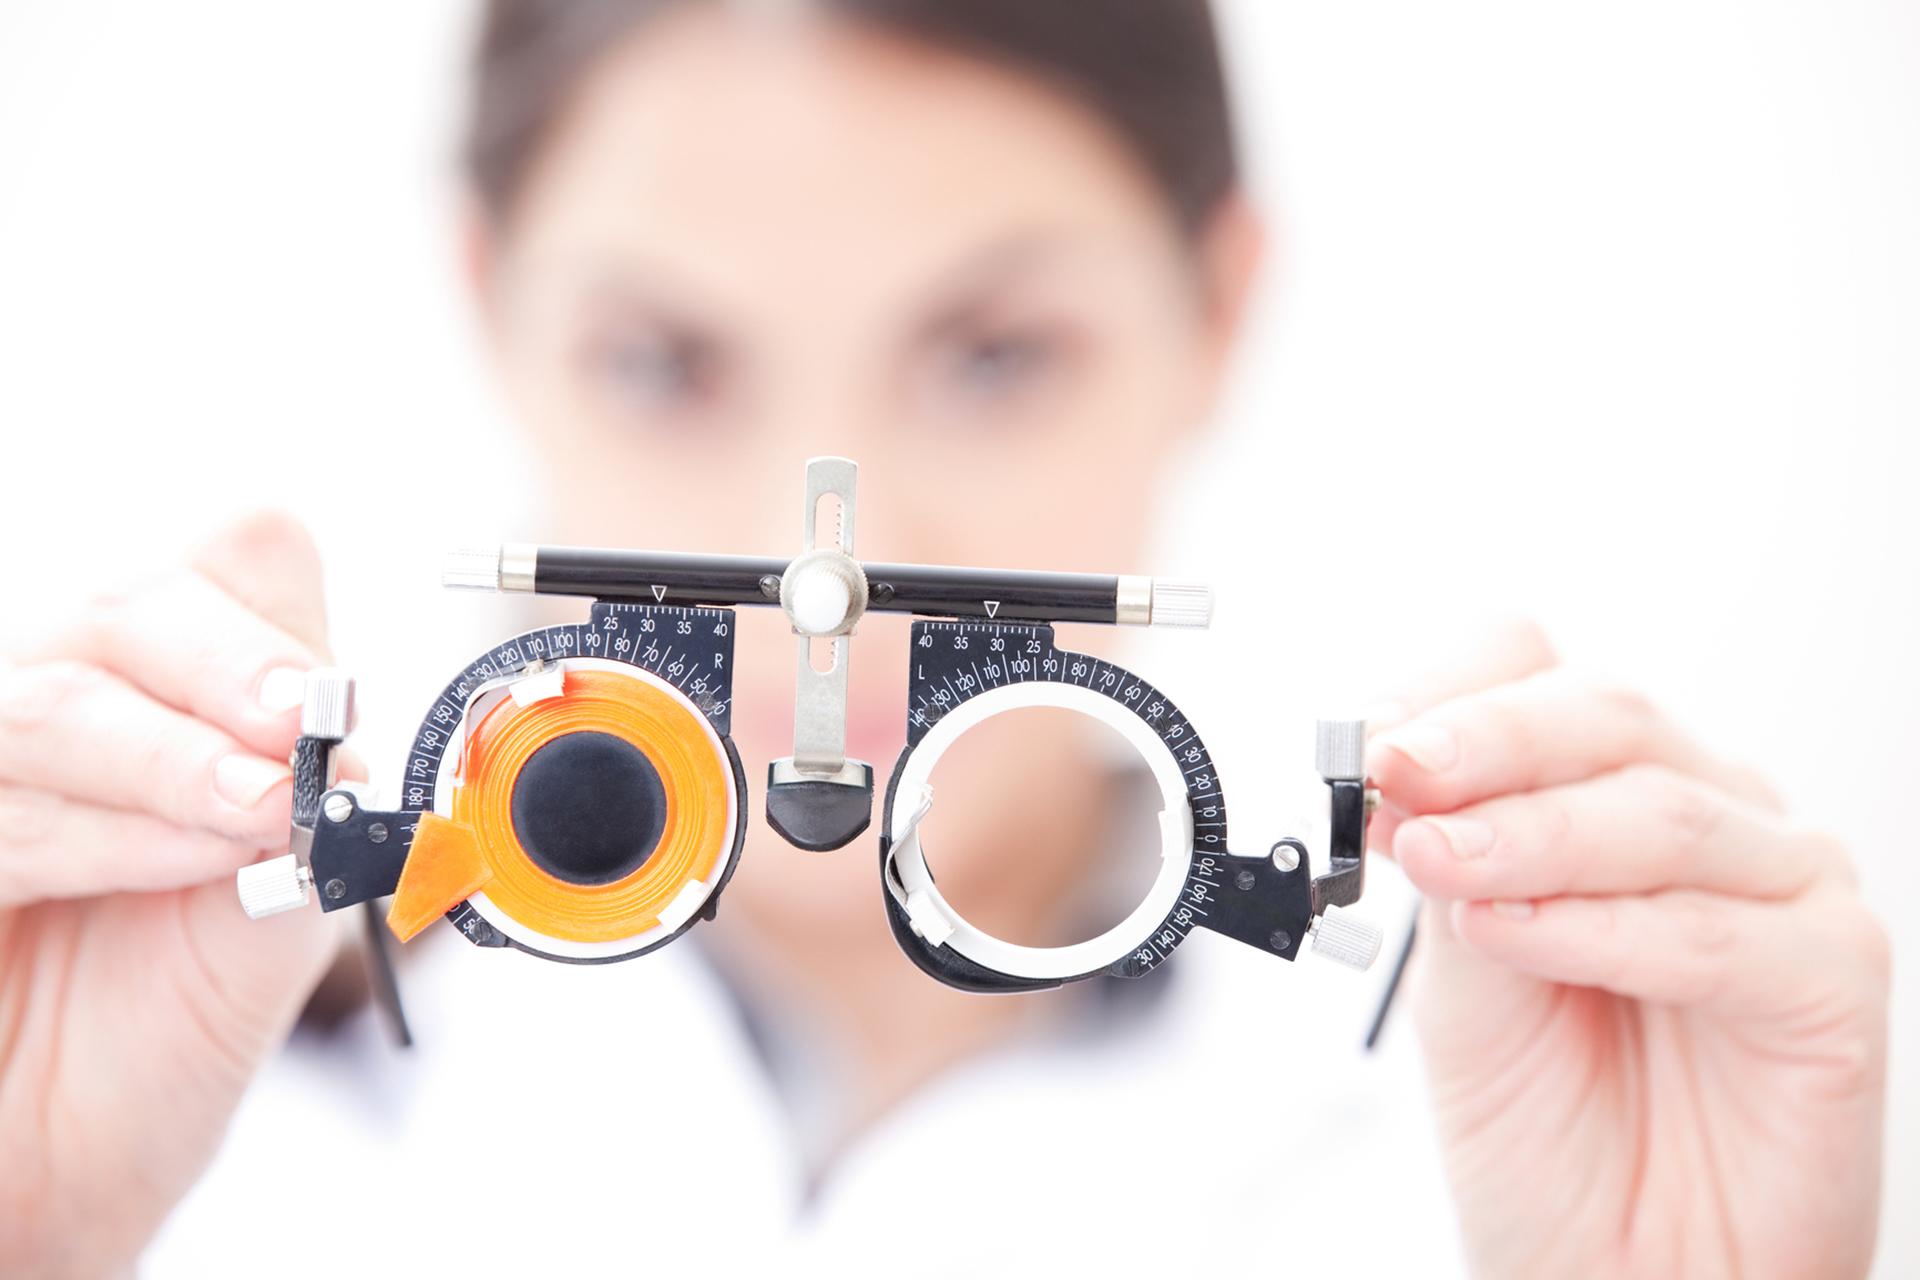 d36bfdfe9 Receitar óculos com grau: uma tarefa que só o oftalmologista pode fazer.